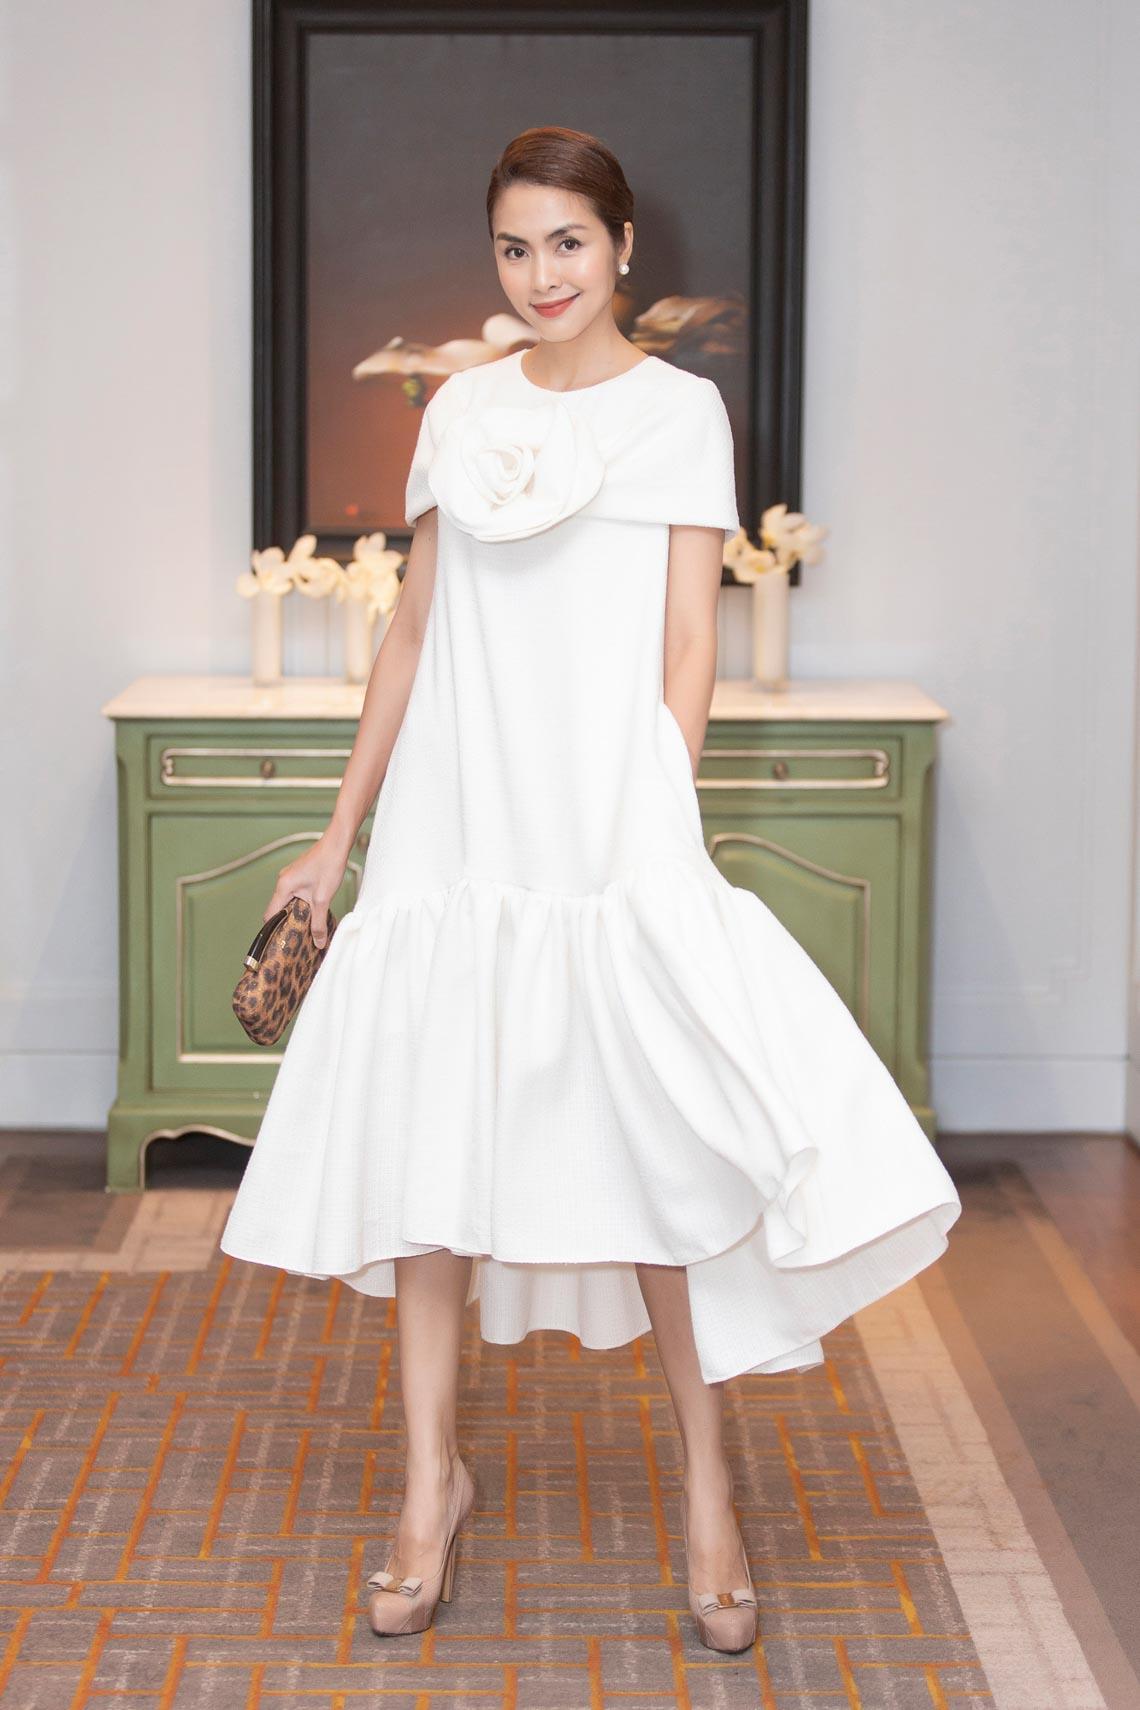 Dàn mỹ nhân diện trang phục trắng tinh khôi của NTK Đỗ Mạnh Cường - 4